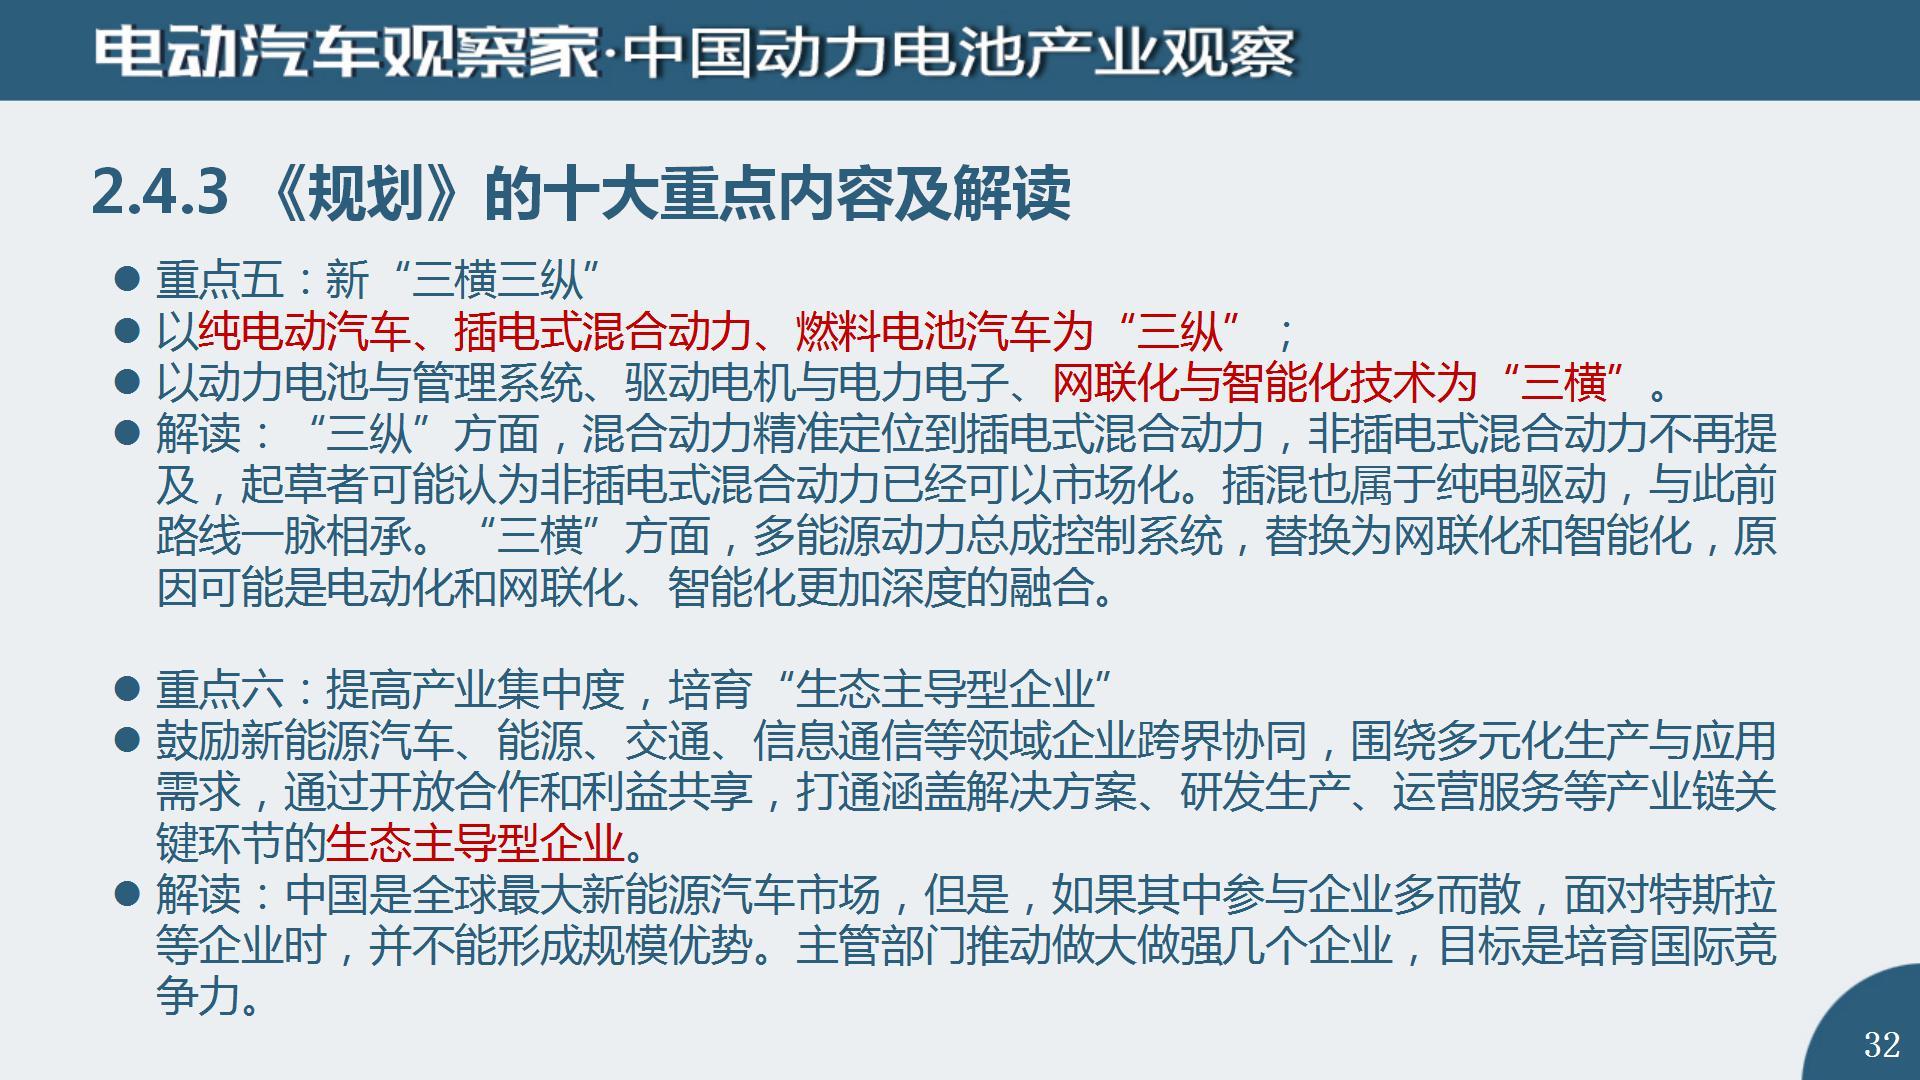 中国动力电池产业观察2020年9月_32